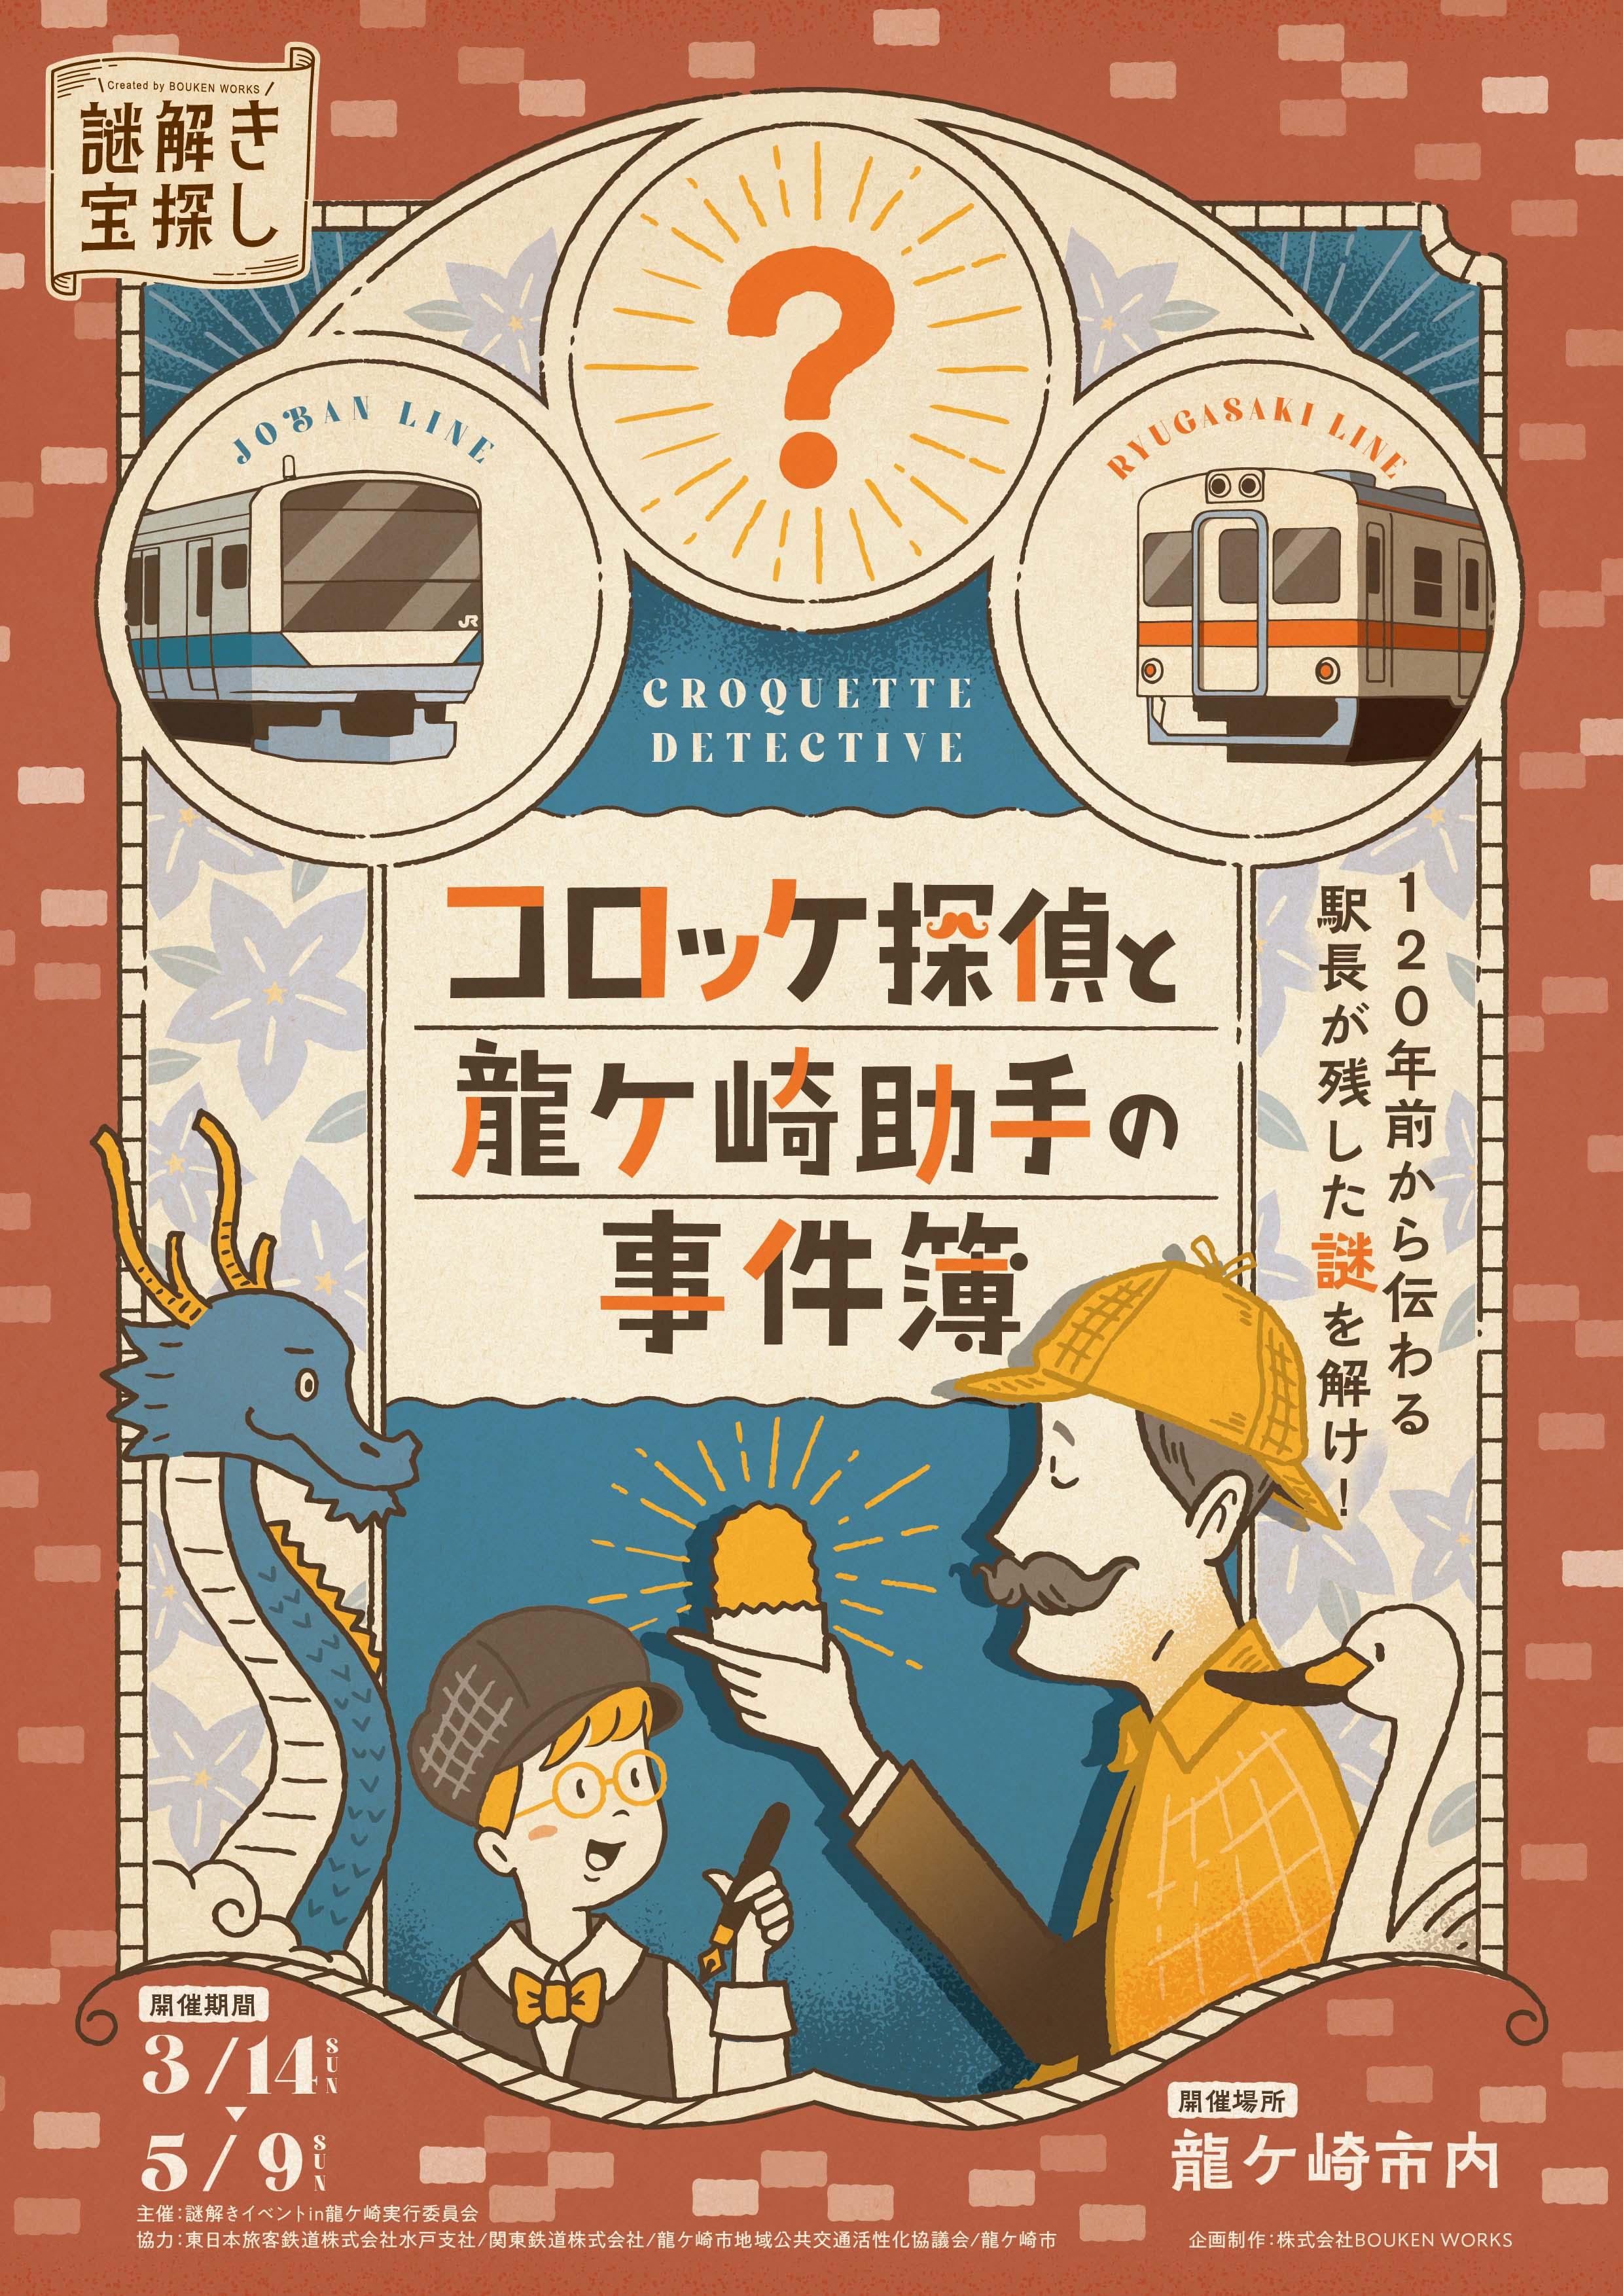 コロッケ探偵と龍ケ崎助手の事件簿